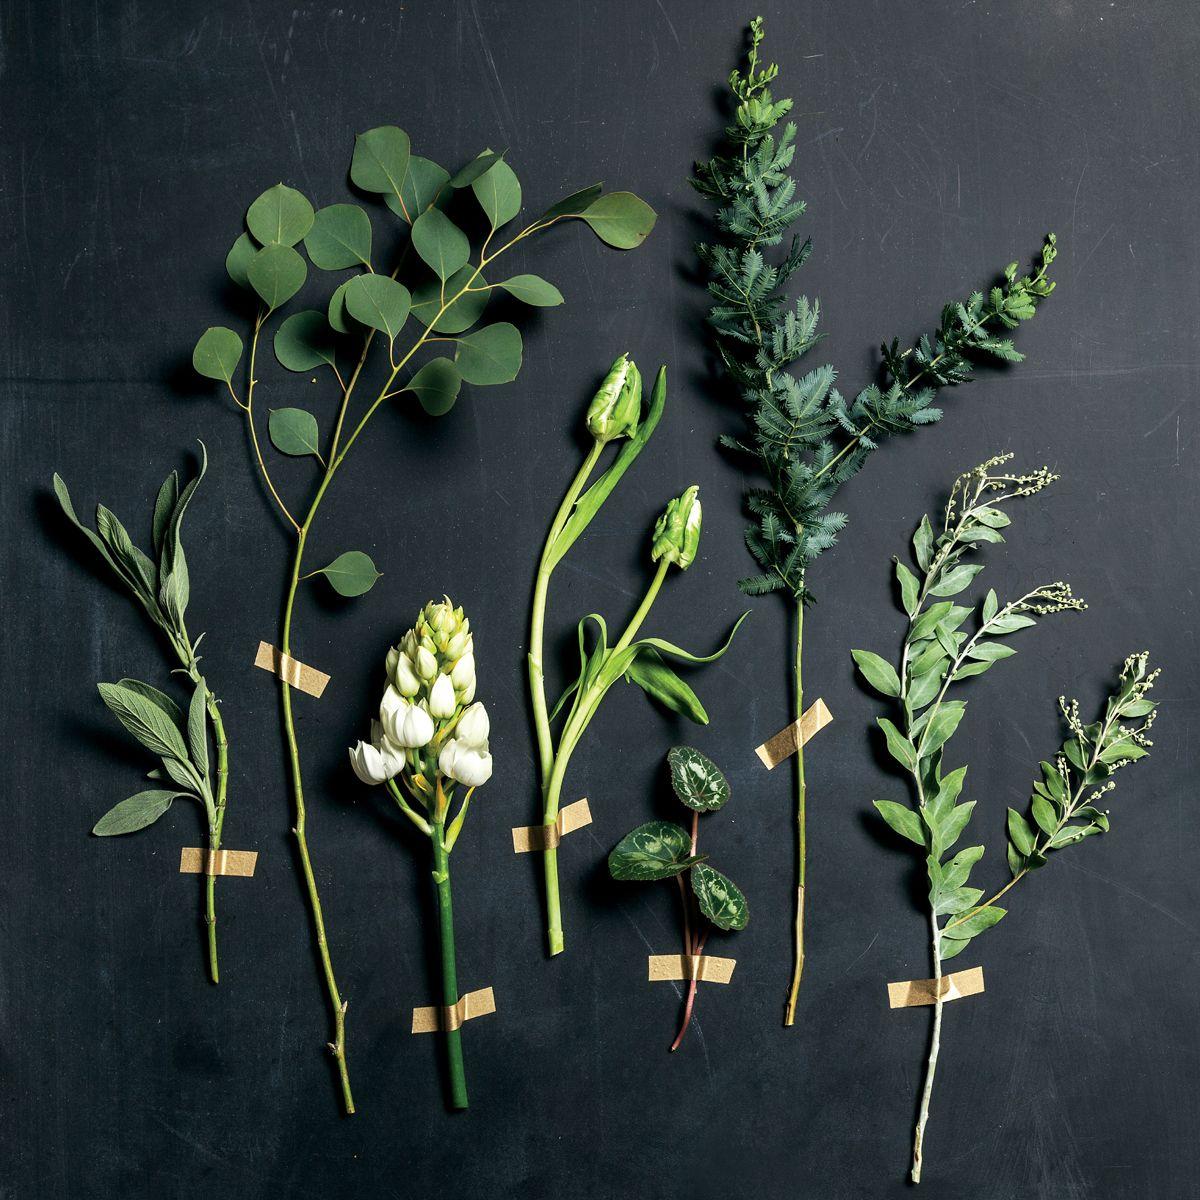 De izquierda a derecha: Sage, Silver Dollar Eucalyptus, Ornithogalum, Weber's Parrot Tulip, Cyclamen Foliage, Italian Mimosa, Acacia